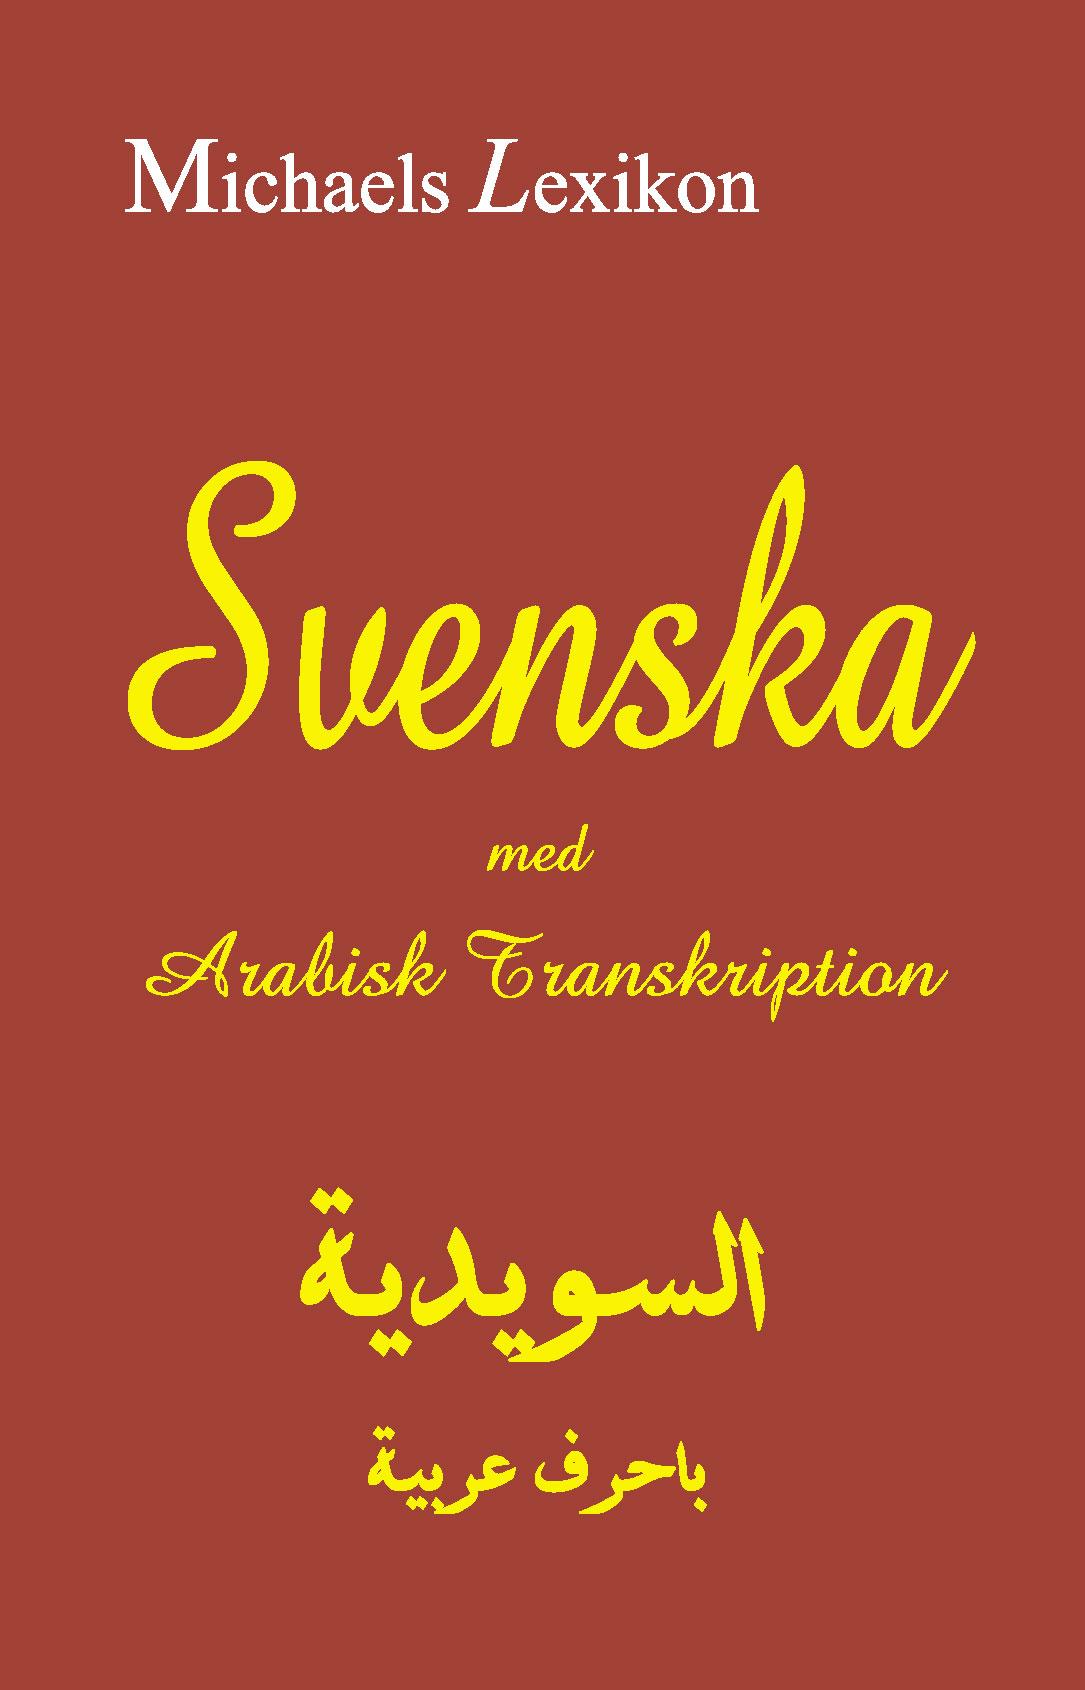 Svenska med arabisk transkription